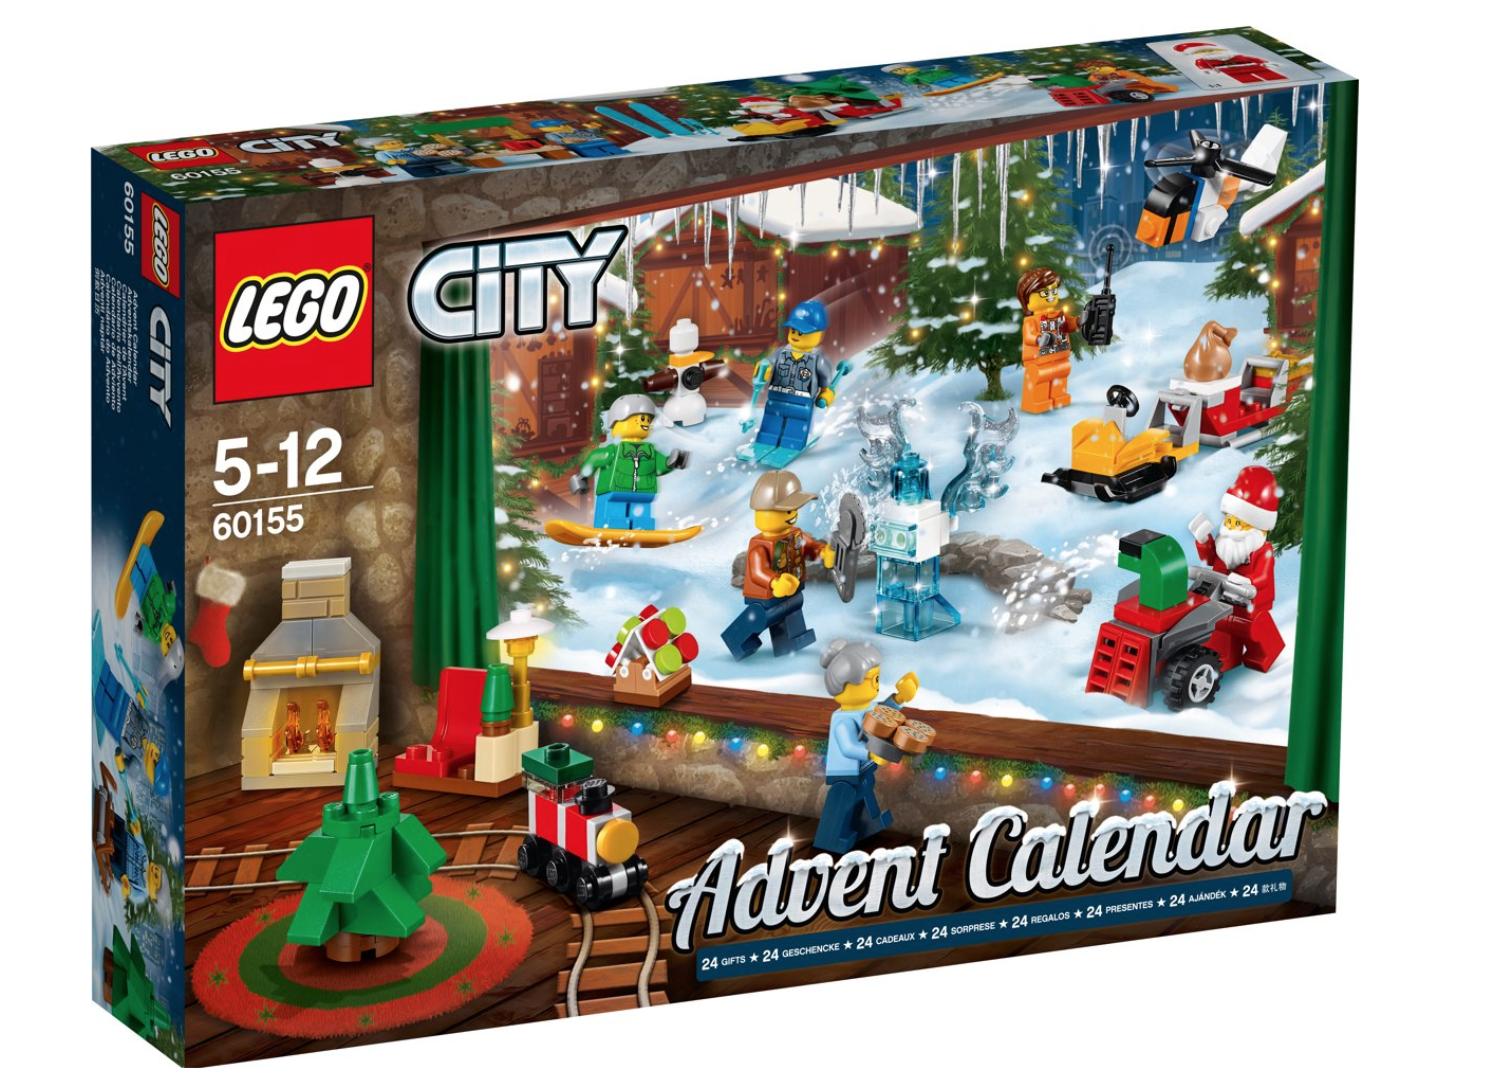 kalender van bol.com